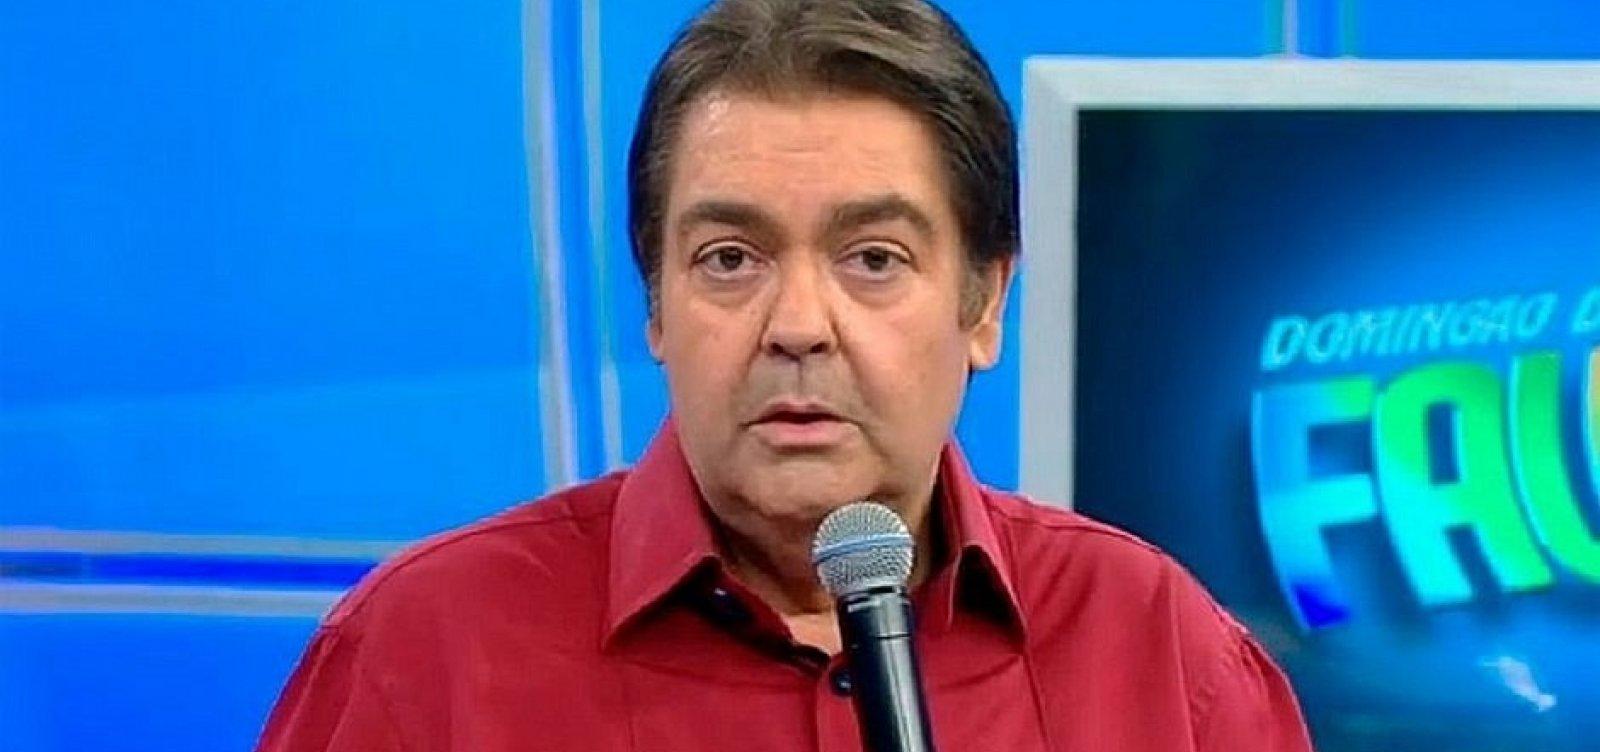 [Faustão detona Bolsonaro durante participação de Lulu Santos no 'Domingão']